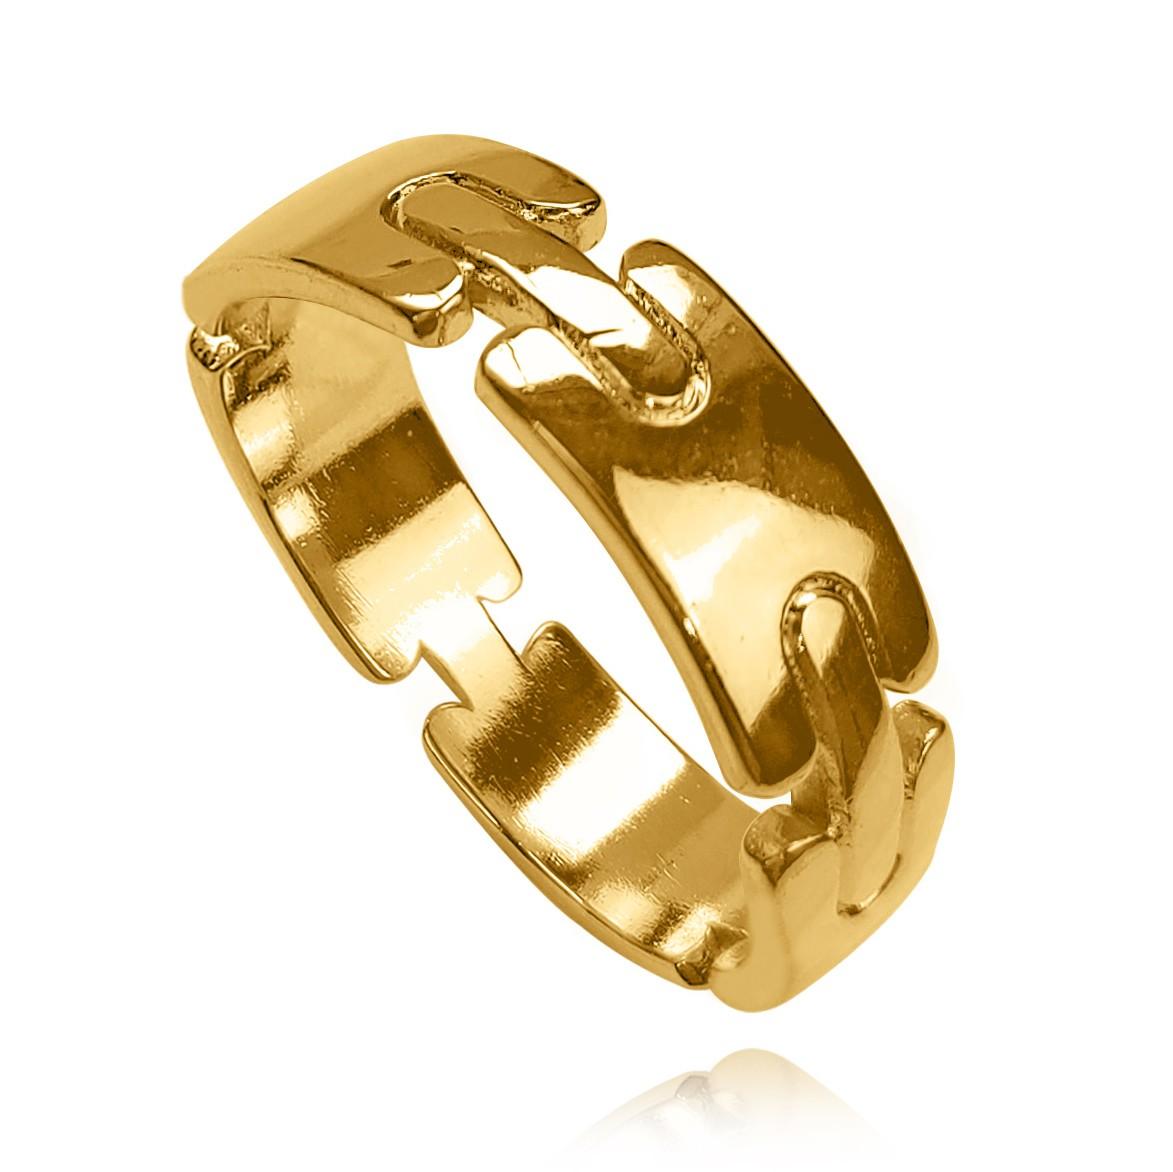 Anel Liso com Detalhes Cadeados Folheado a Ouro 18k